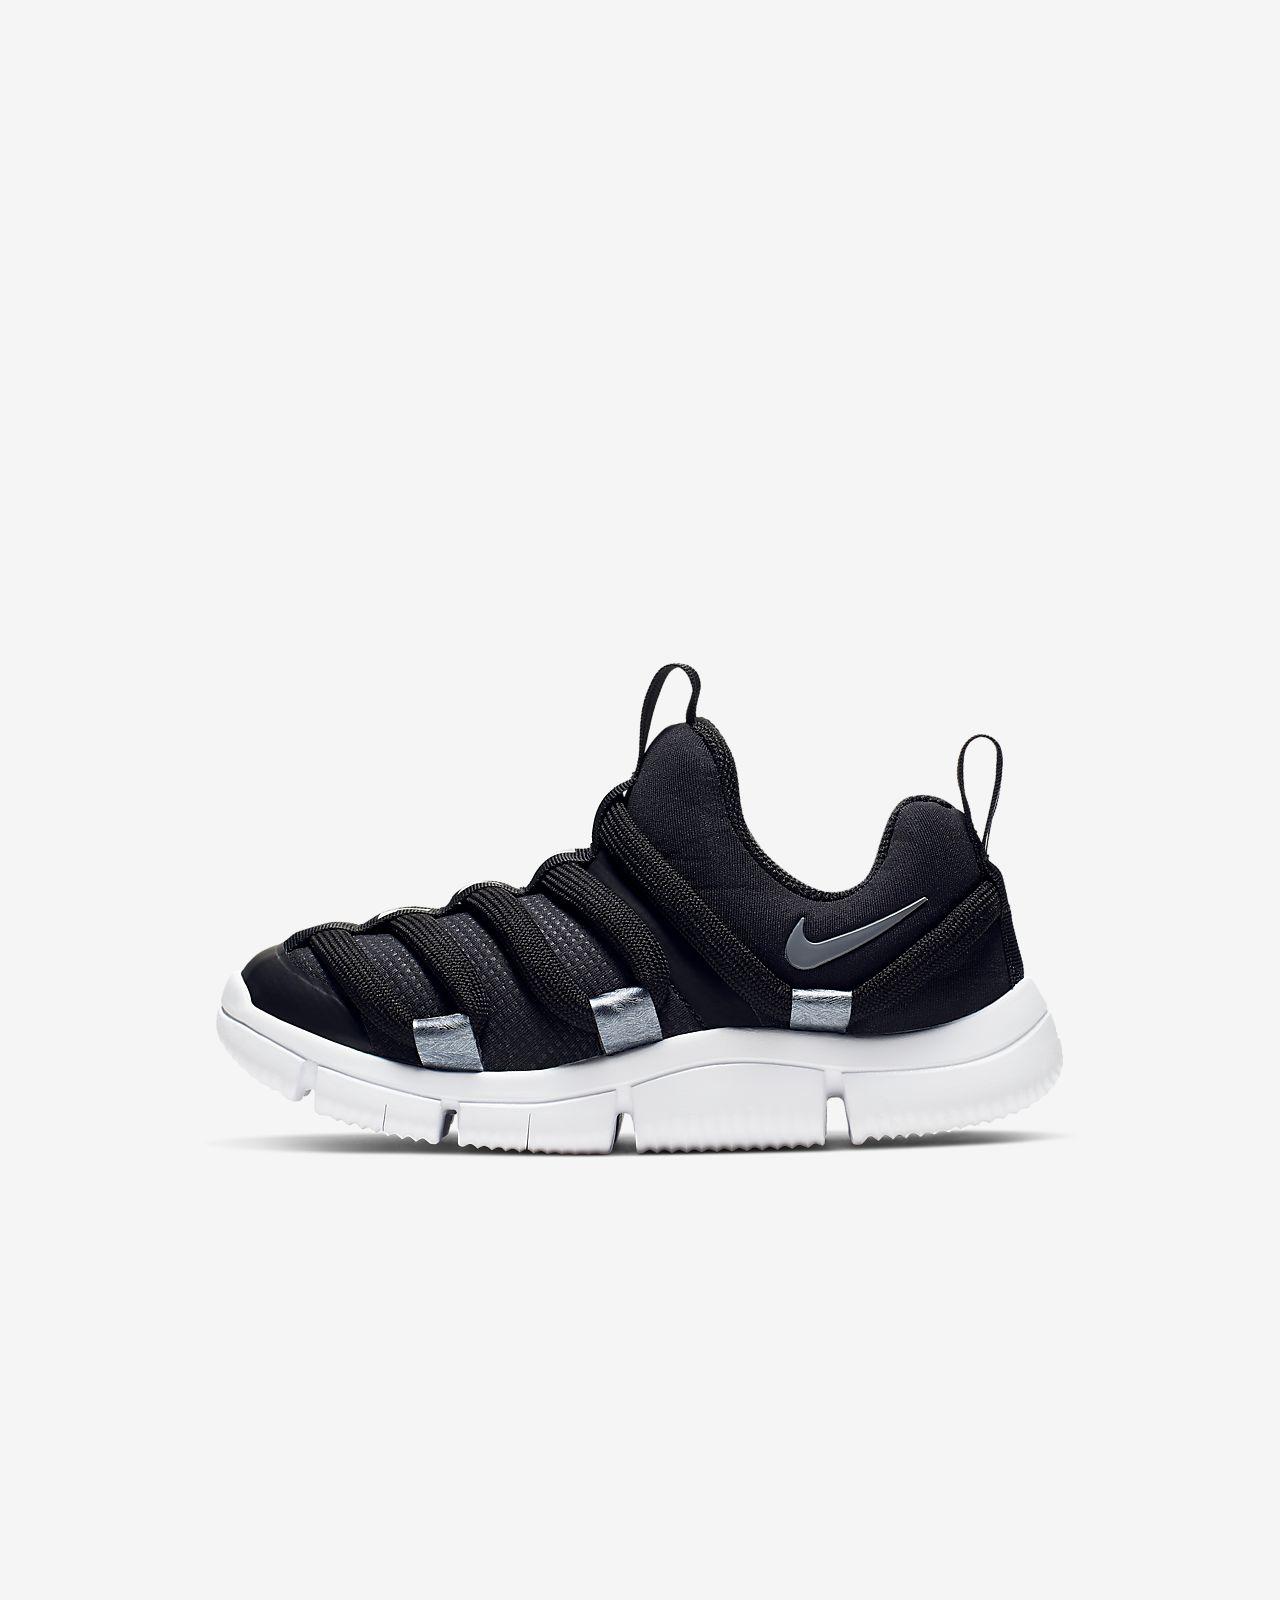 Nike Novice EP (PS) 幼童运动童鞋